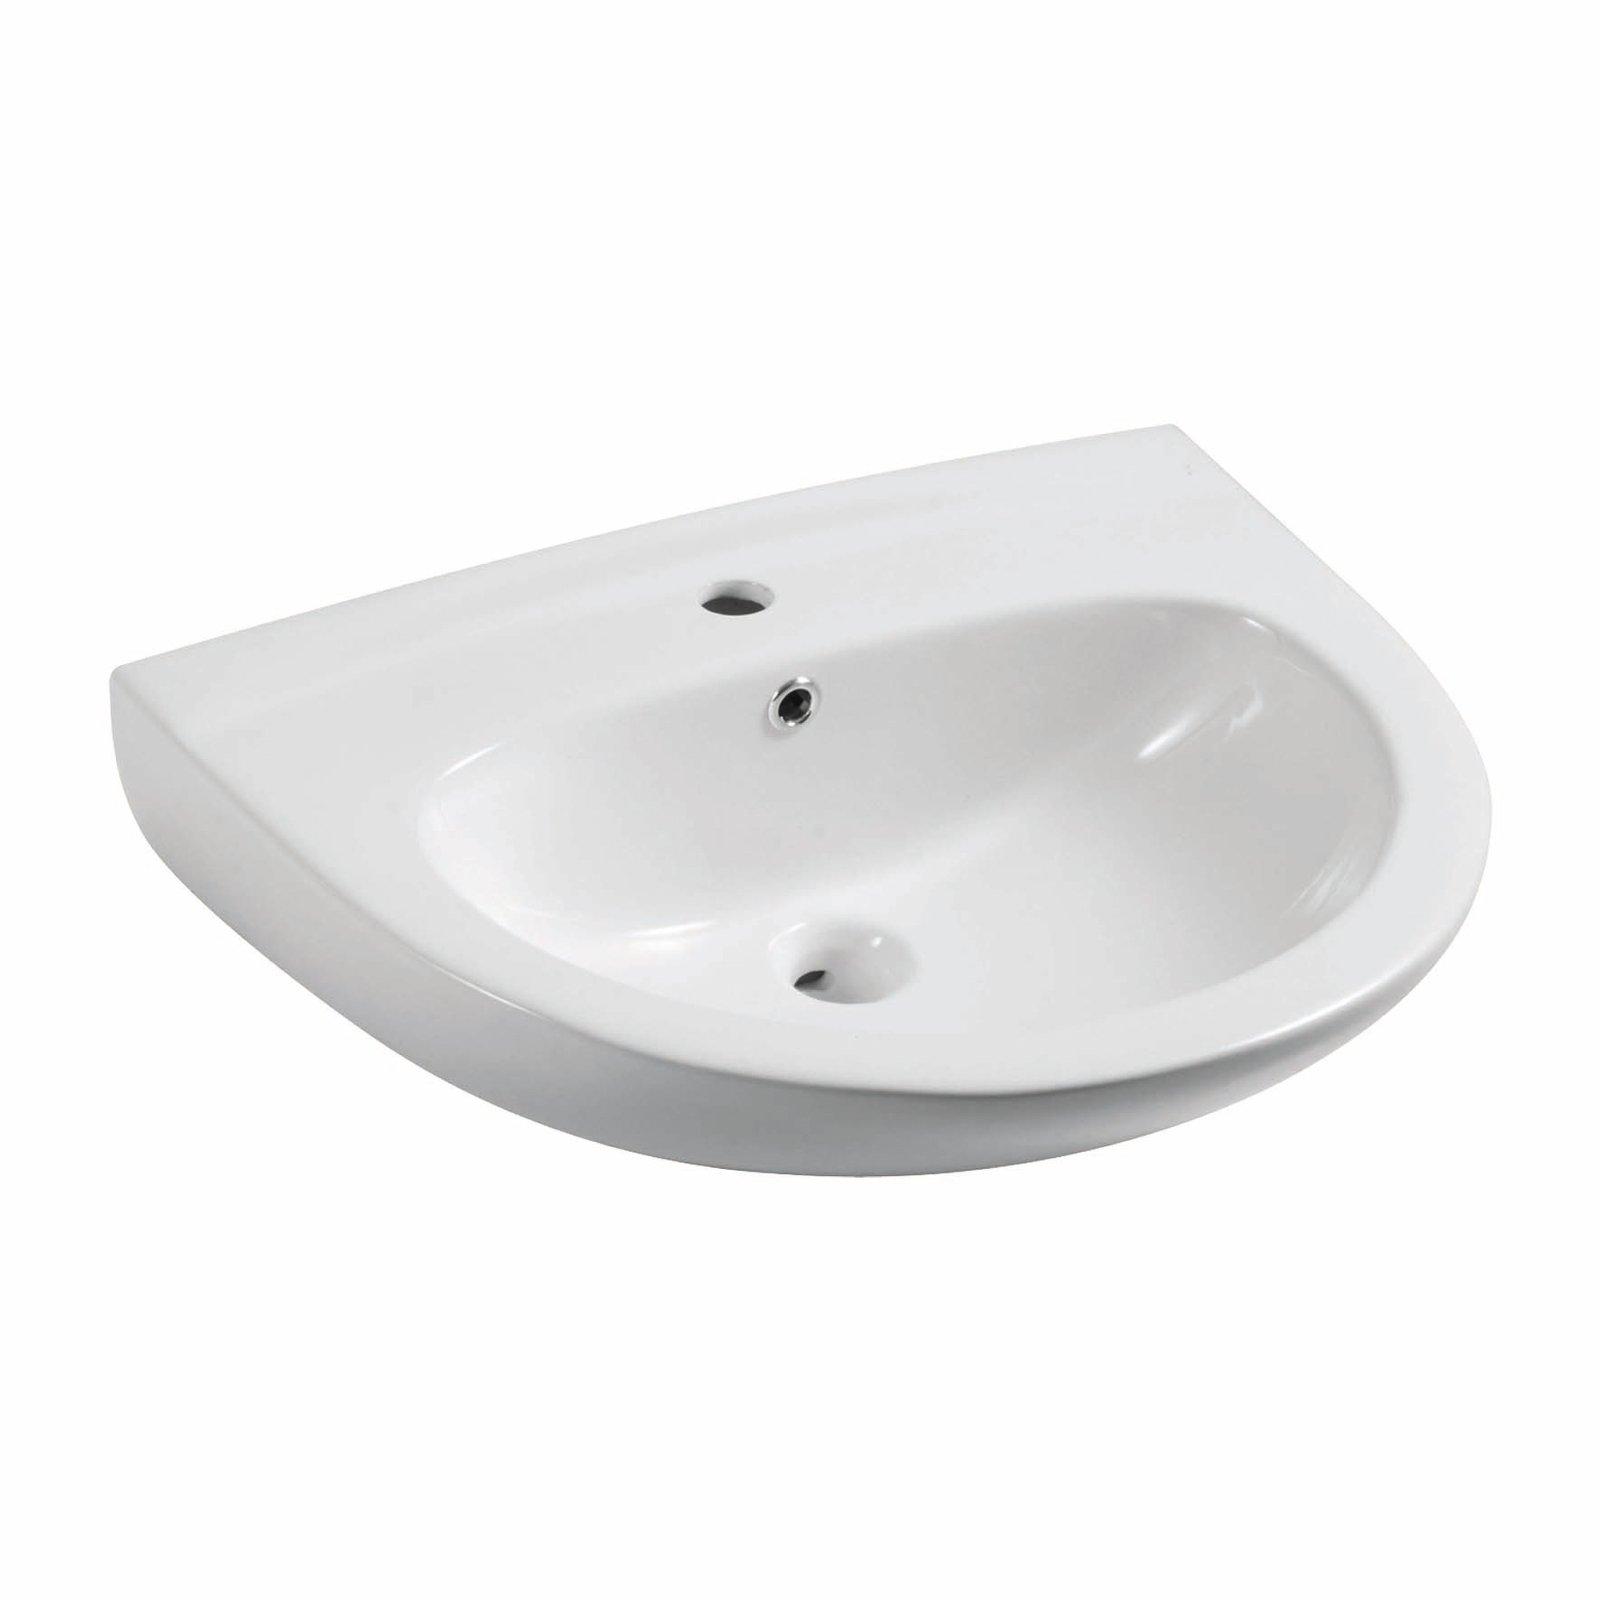 forma semicircolare il lavabo monoforo Sensea Athica di Leroy Merlin ...